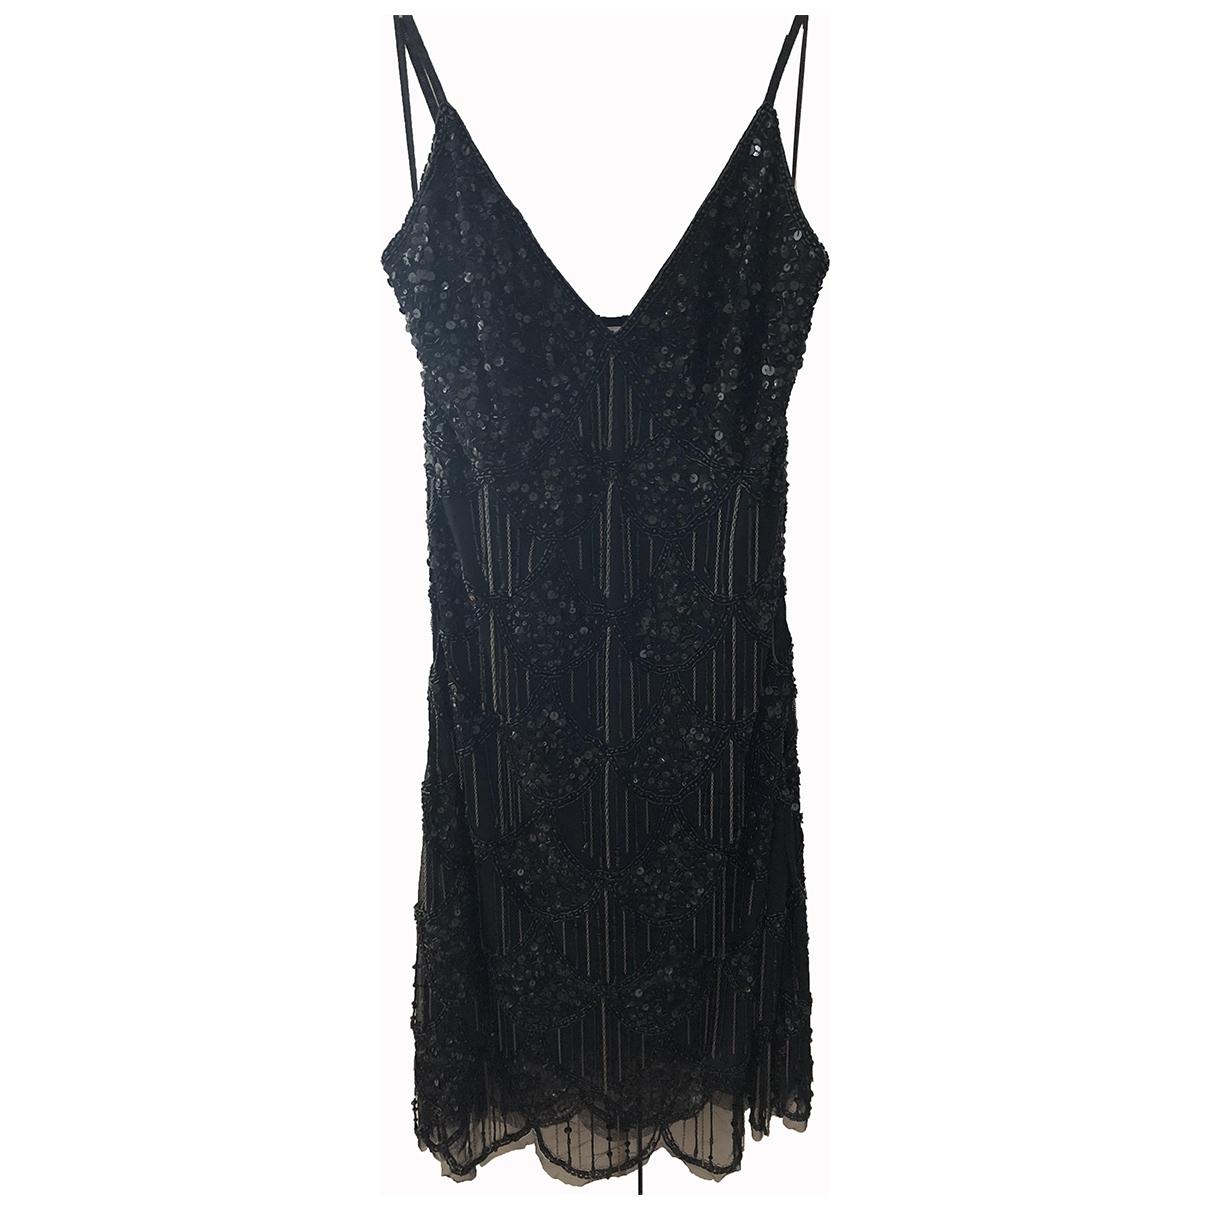 Guess - Robe   pour femme en a paillettes - noir